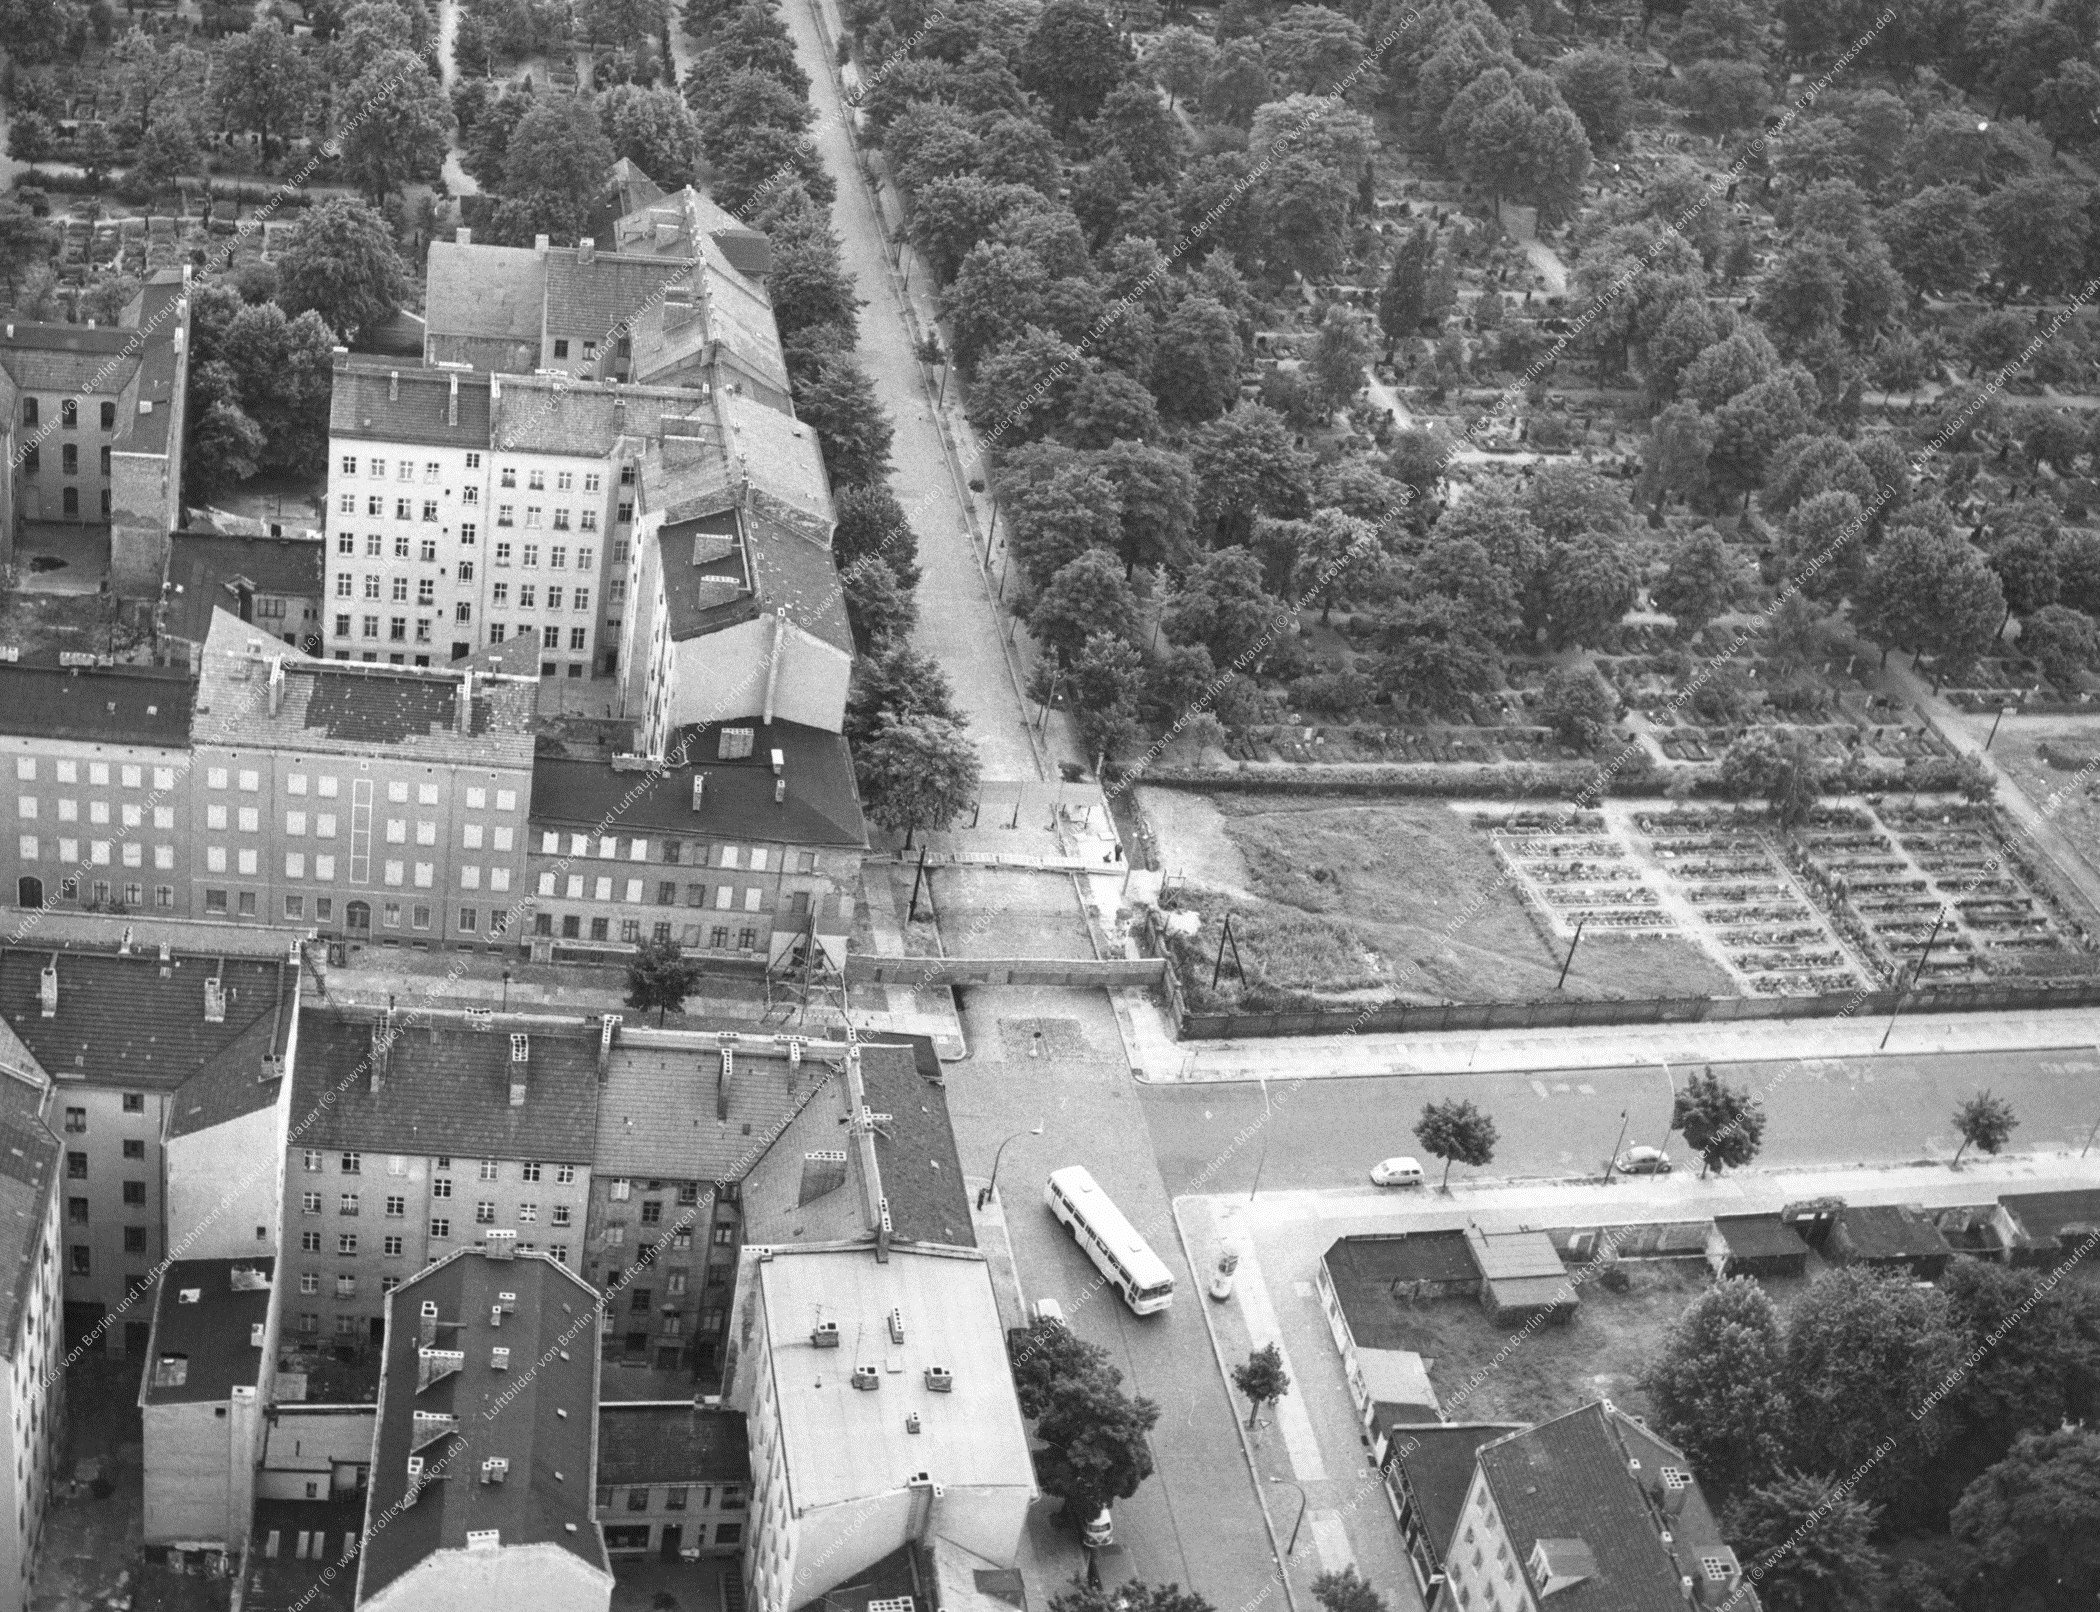 Berlin Luftbild Kreuzung Bernauer Straße und Ackerstraße sowie Sophien-Friedhof (Bild 021)